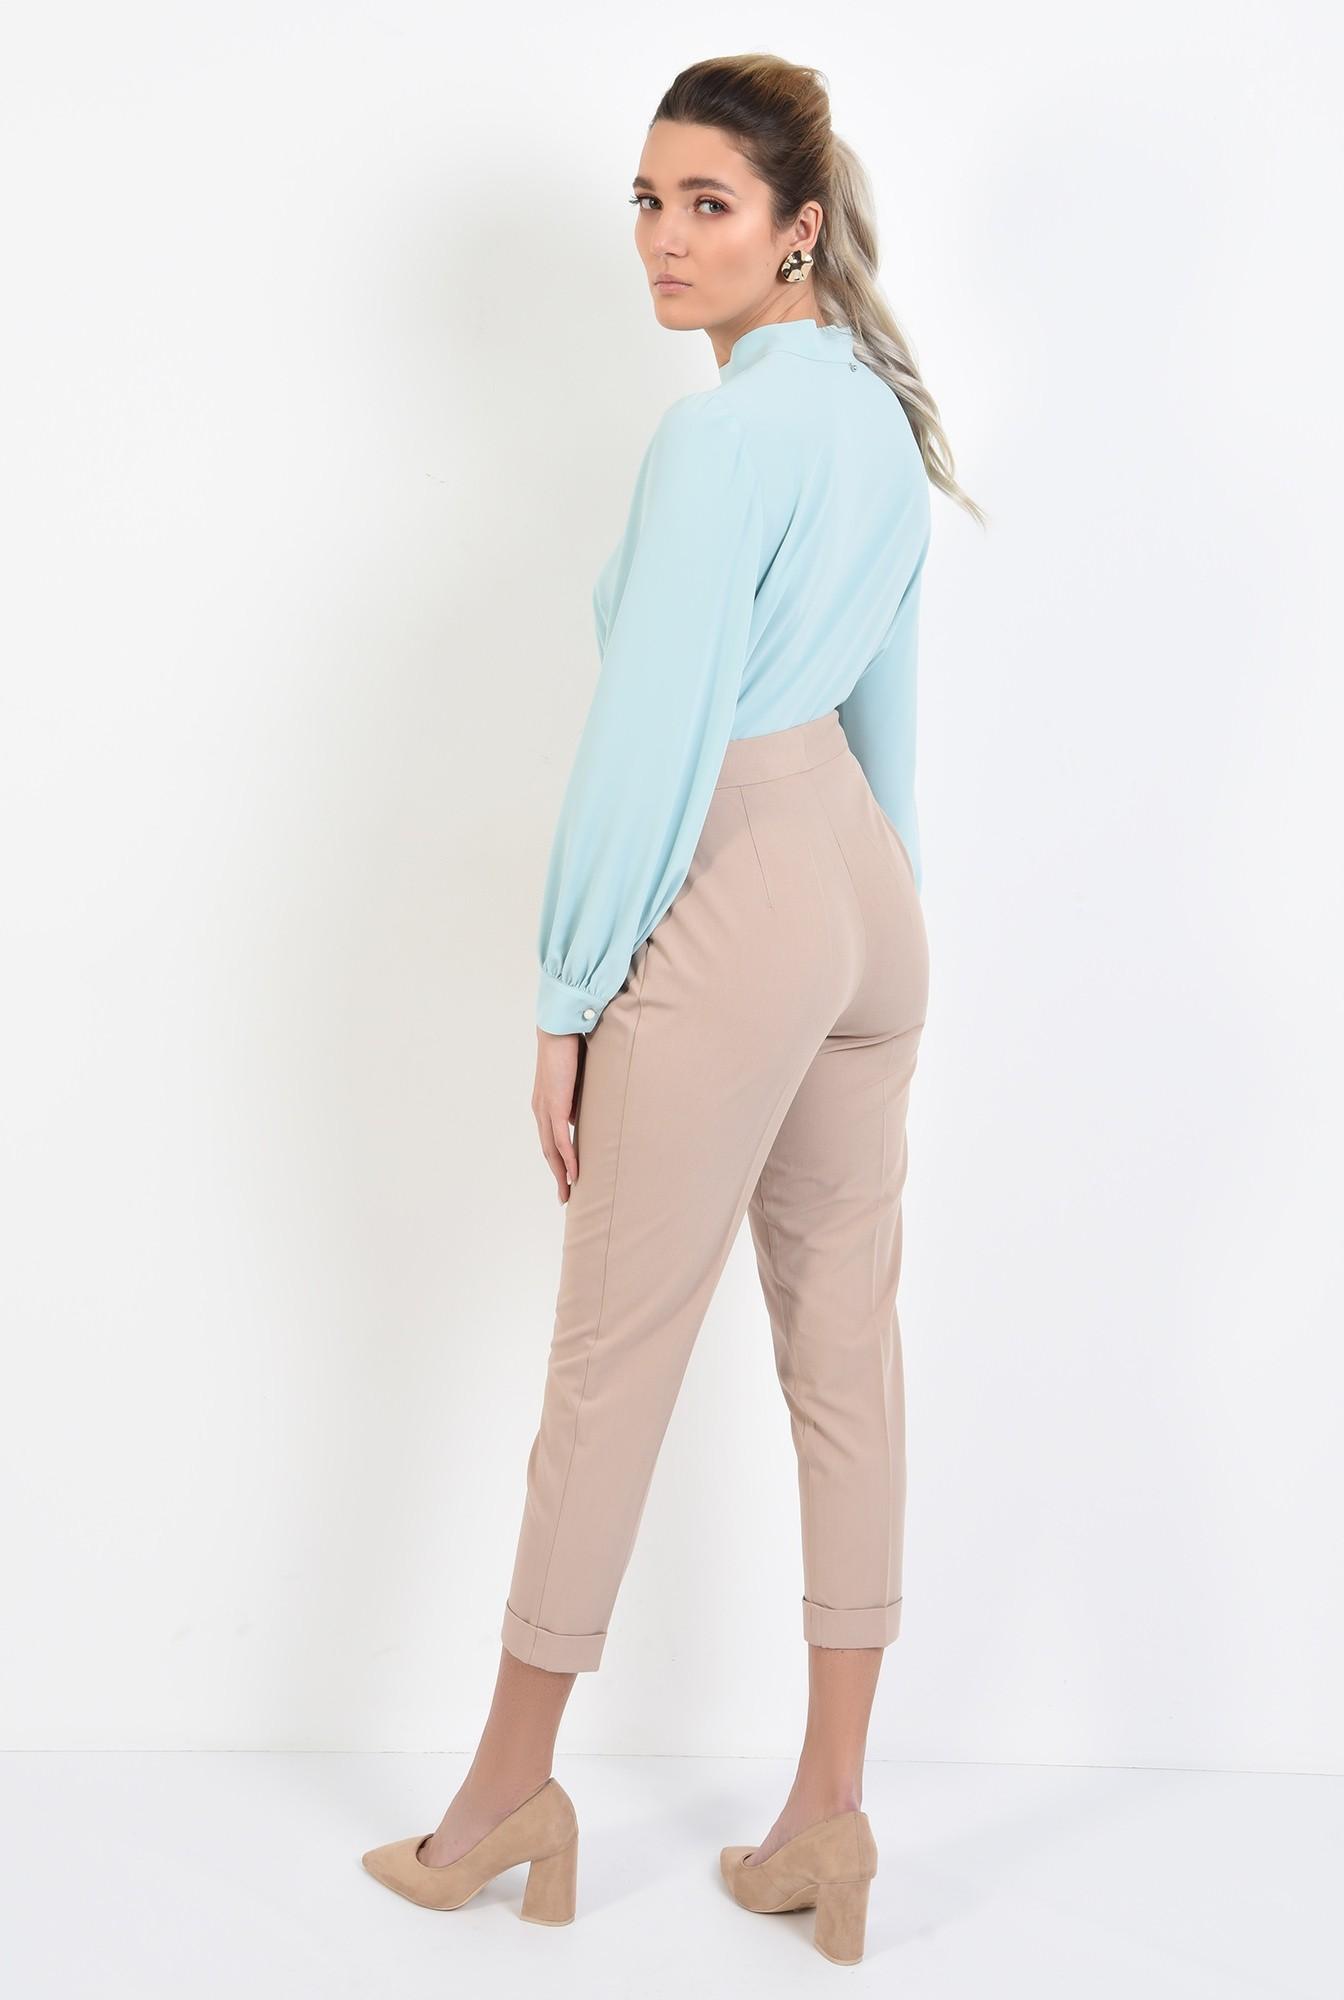 1 - 360 - bluza casual, cu funda laterala, maneci lungi, bluza de primavara